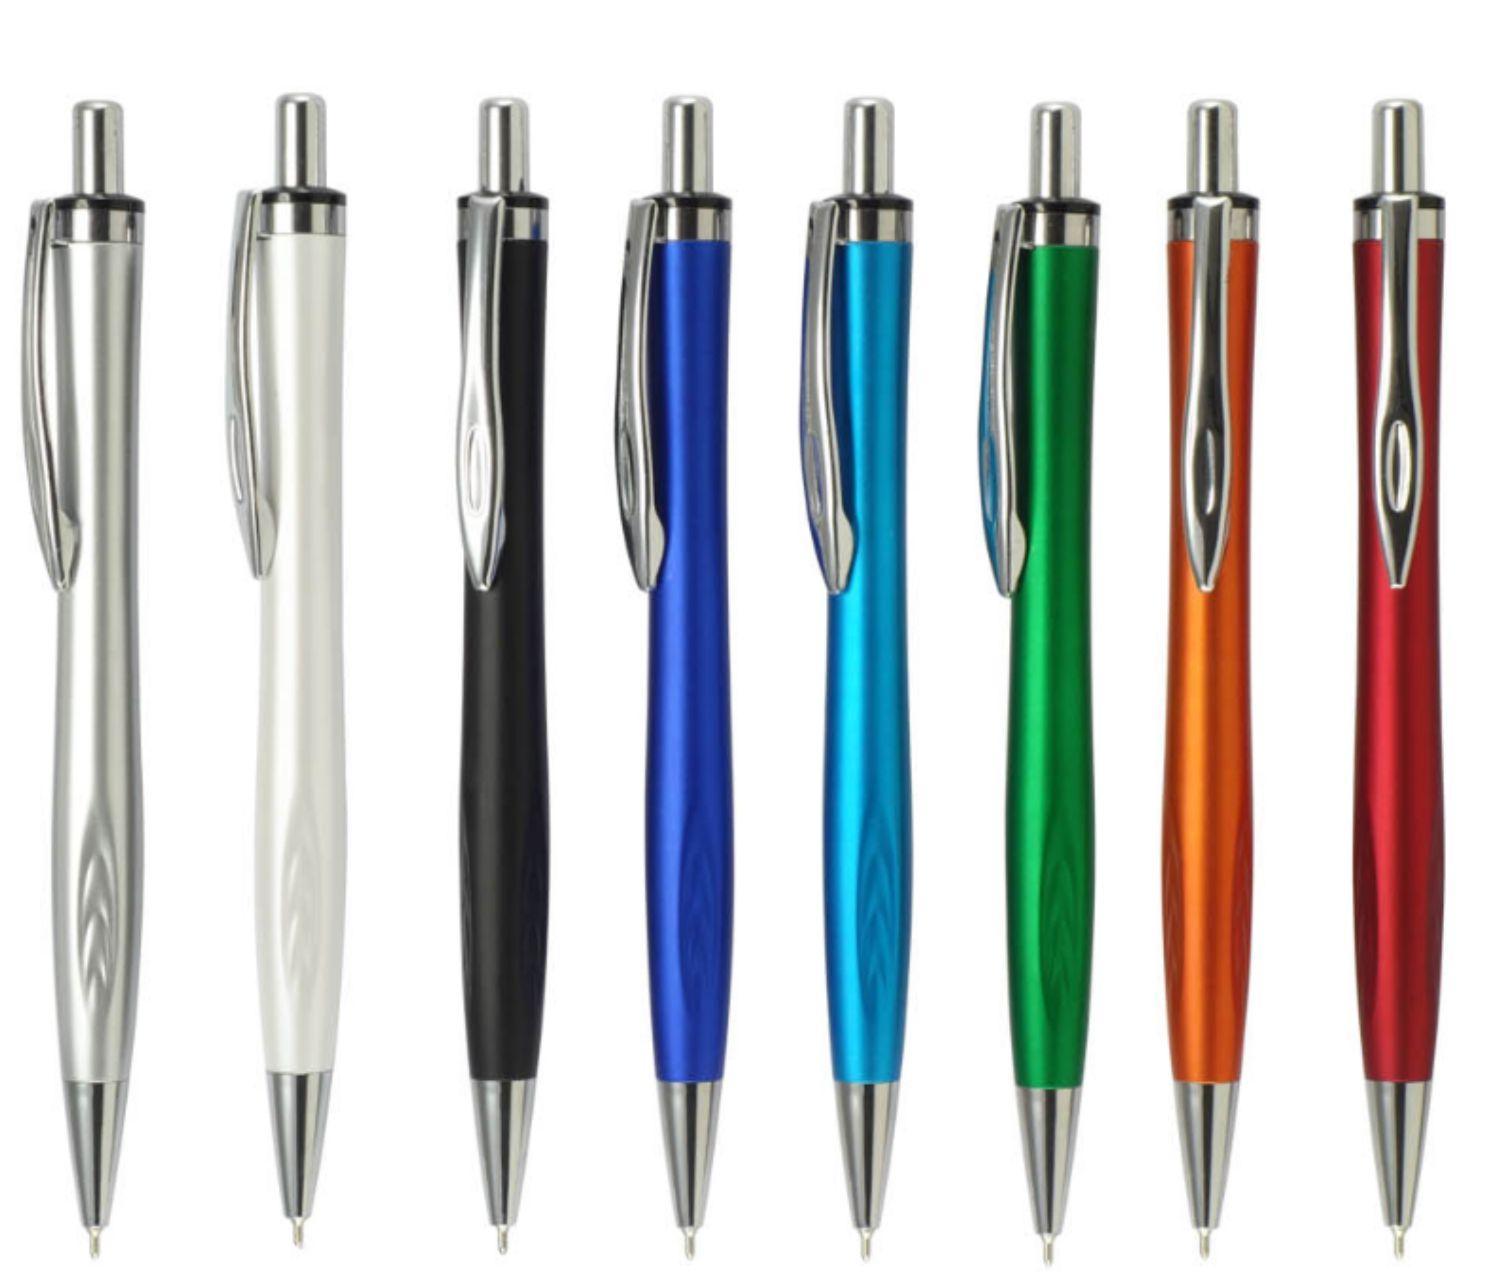 100 עטי ג'ל צבעוניים קליפס מתכת - ללא מיתוג